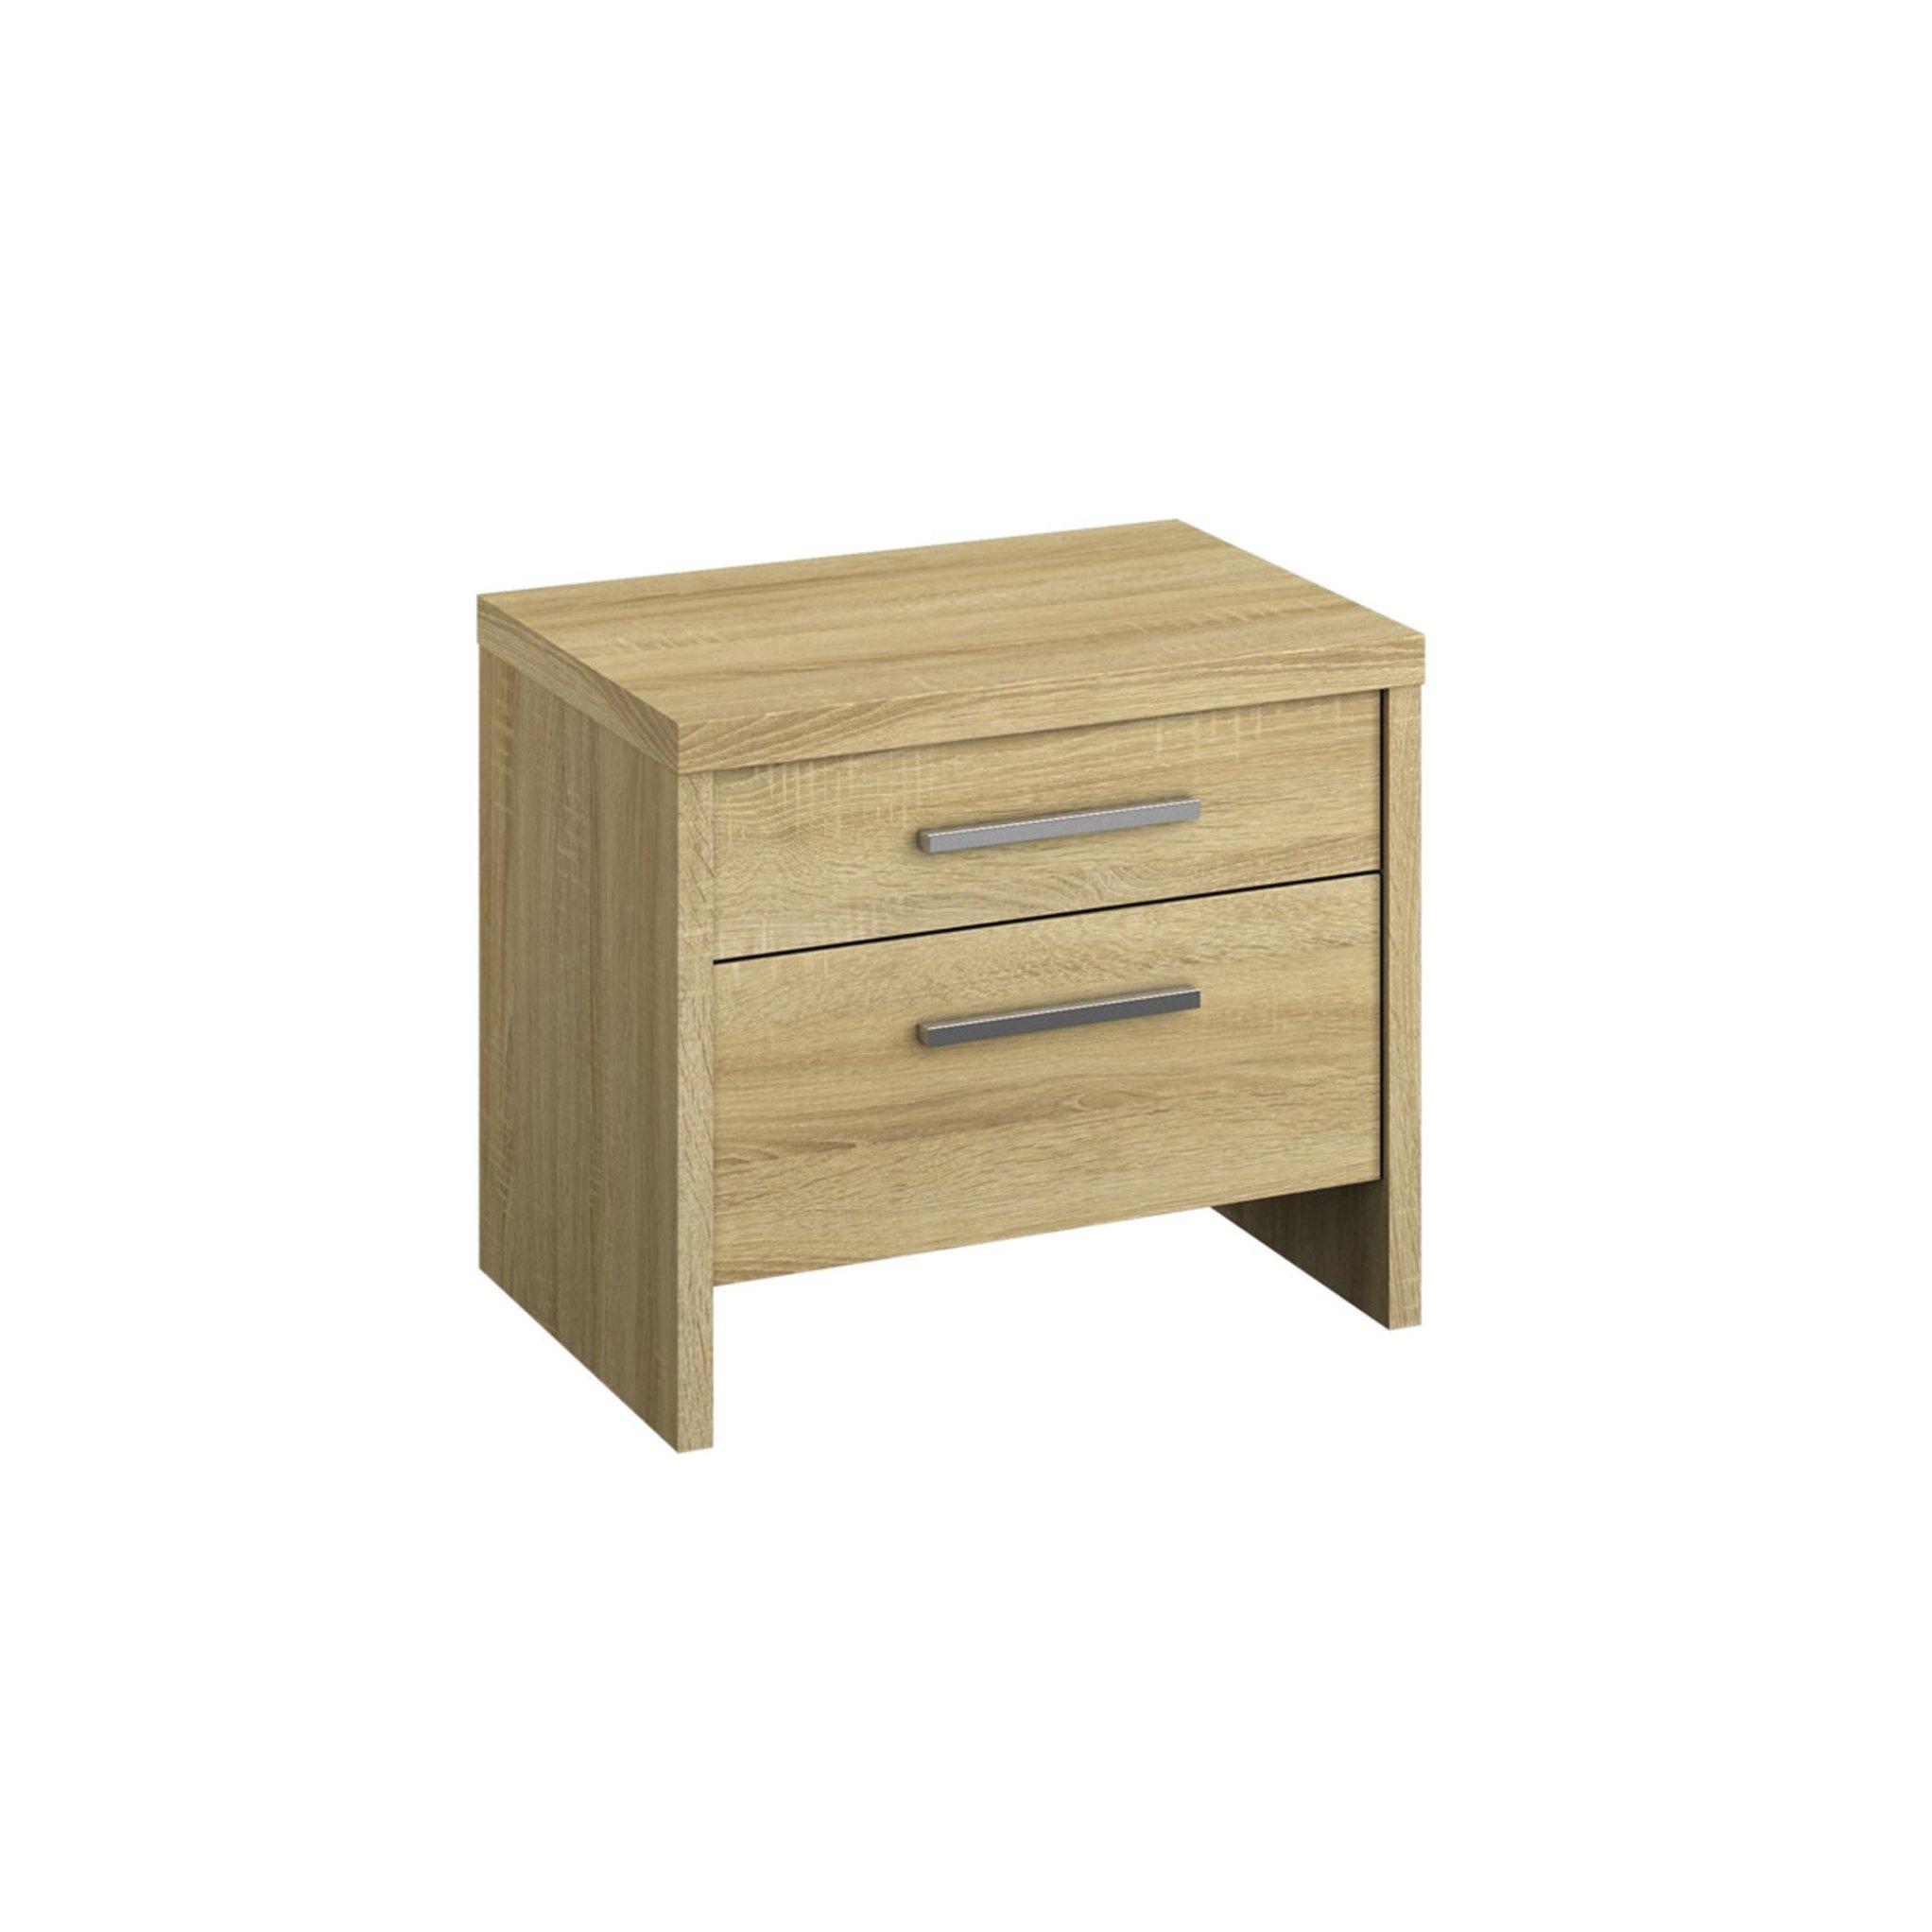 image-Mirabel 2 Drawer Bedside Table